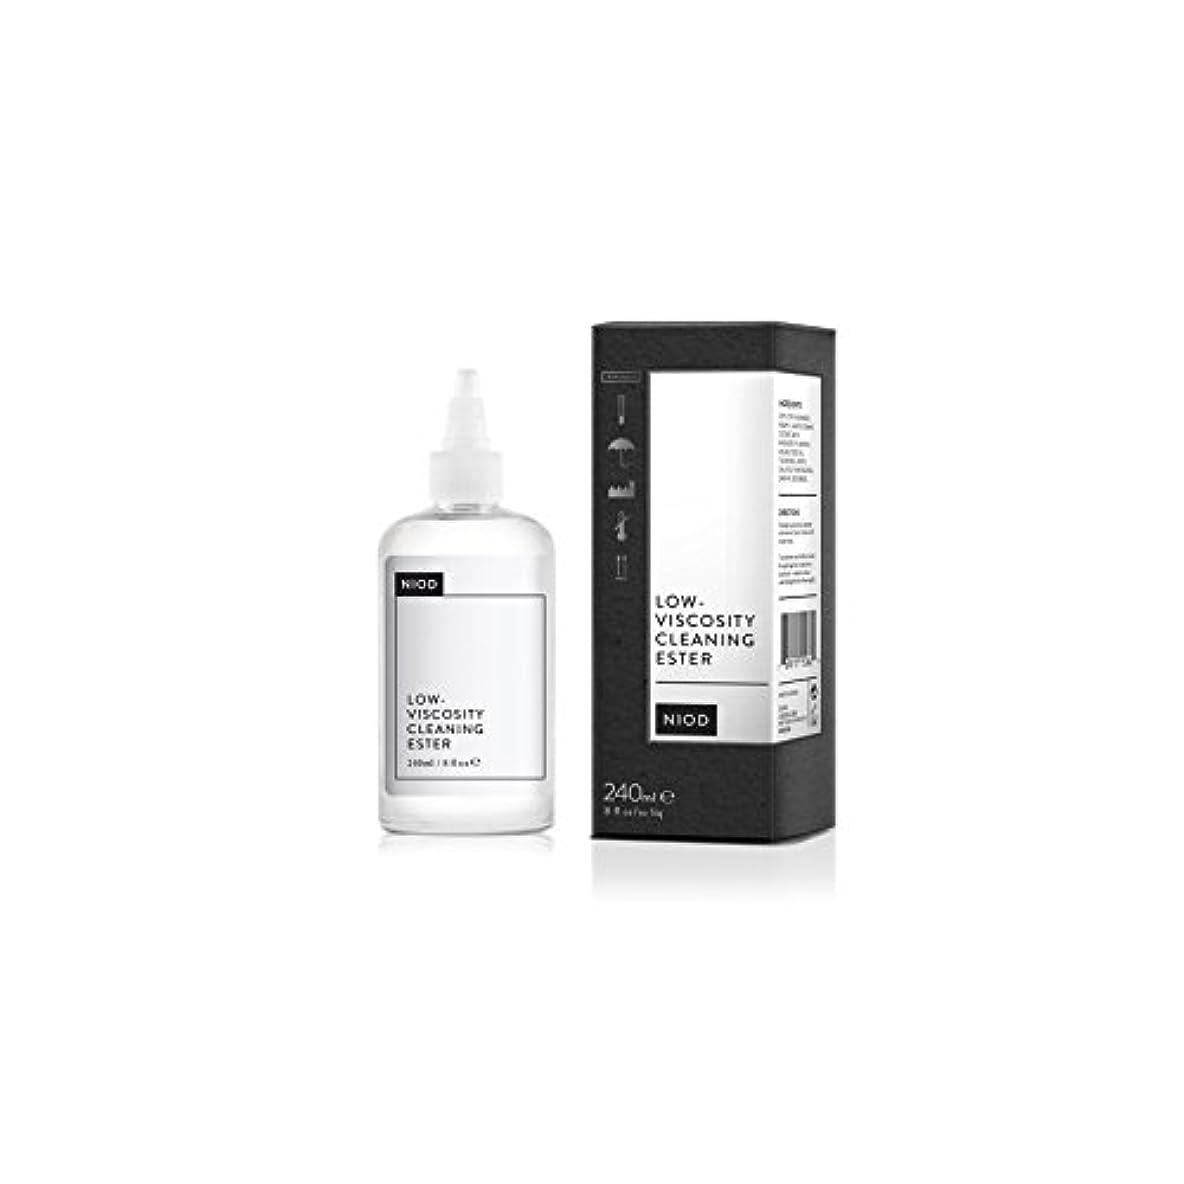 残る周囲貢献低粘度のクリーニングエステル(240ミリリットル) x4 - Niod Low-Viscosity Cleaning Ester (240ml) (Pack of 4) [並行輸入品]